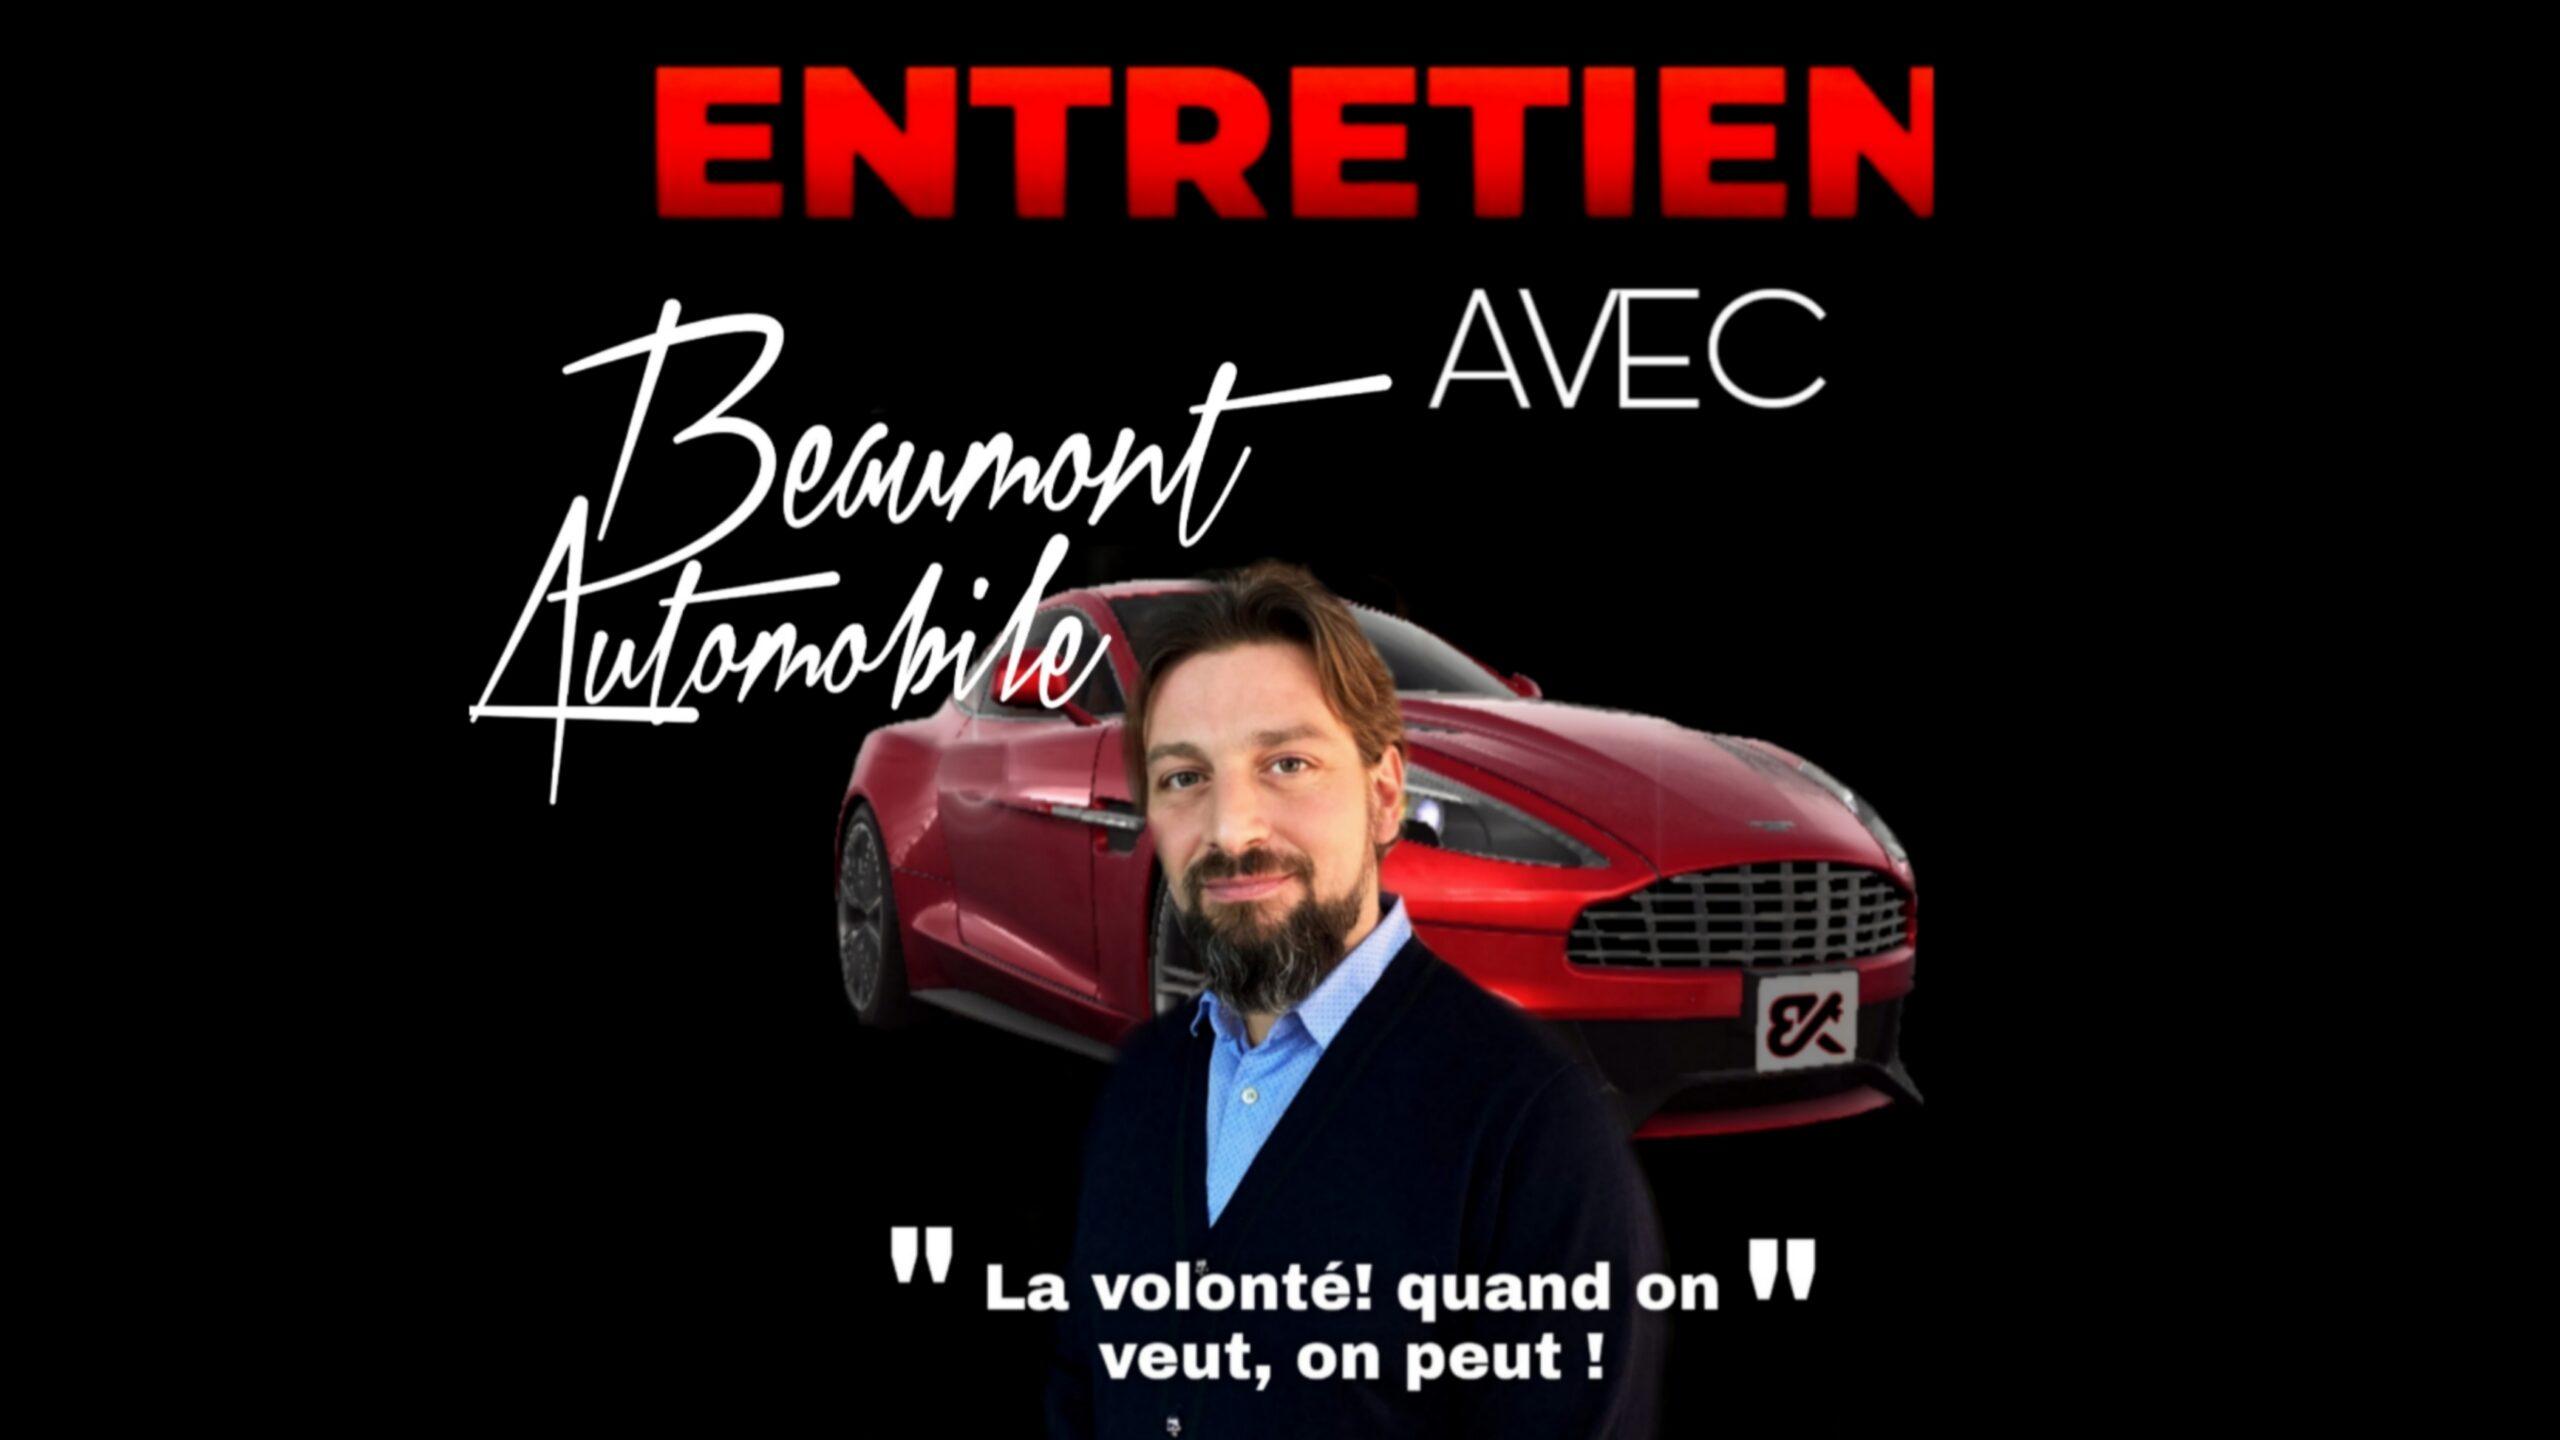 Entretien avec Beaumont automobiile